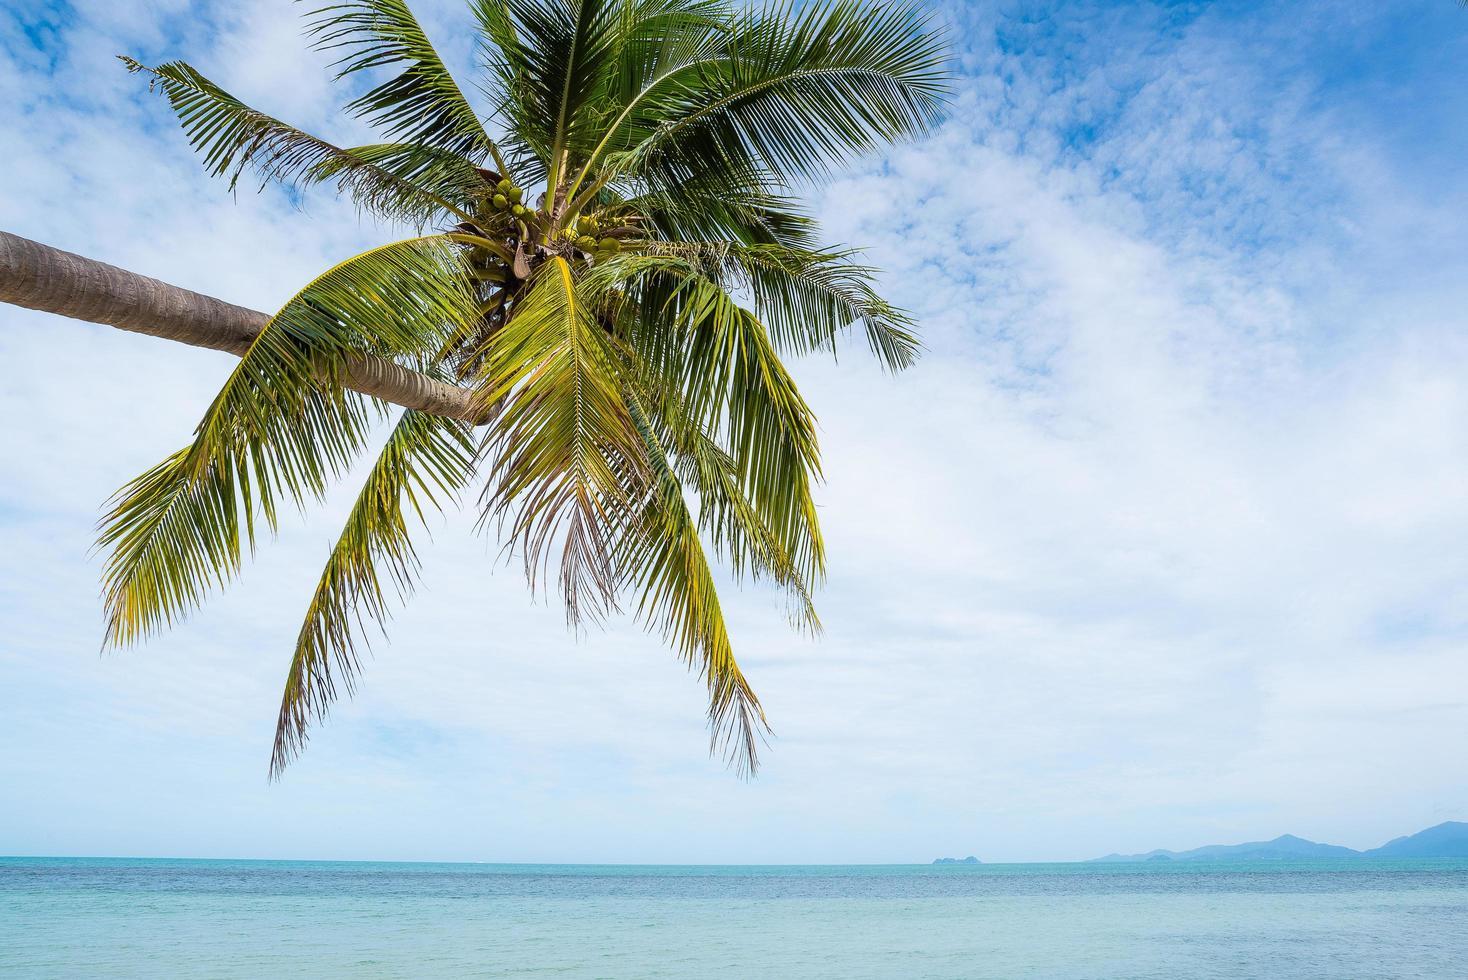 plage tropicale avec palmier photo